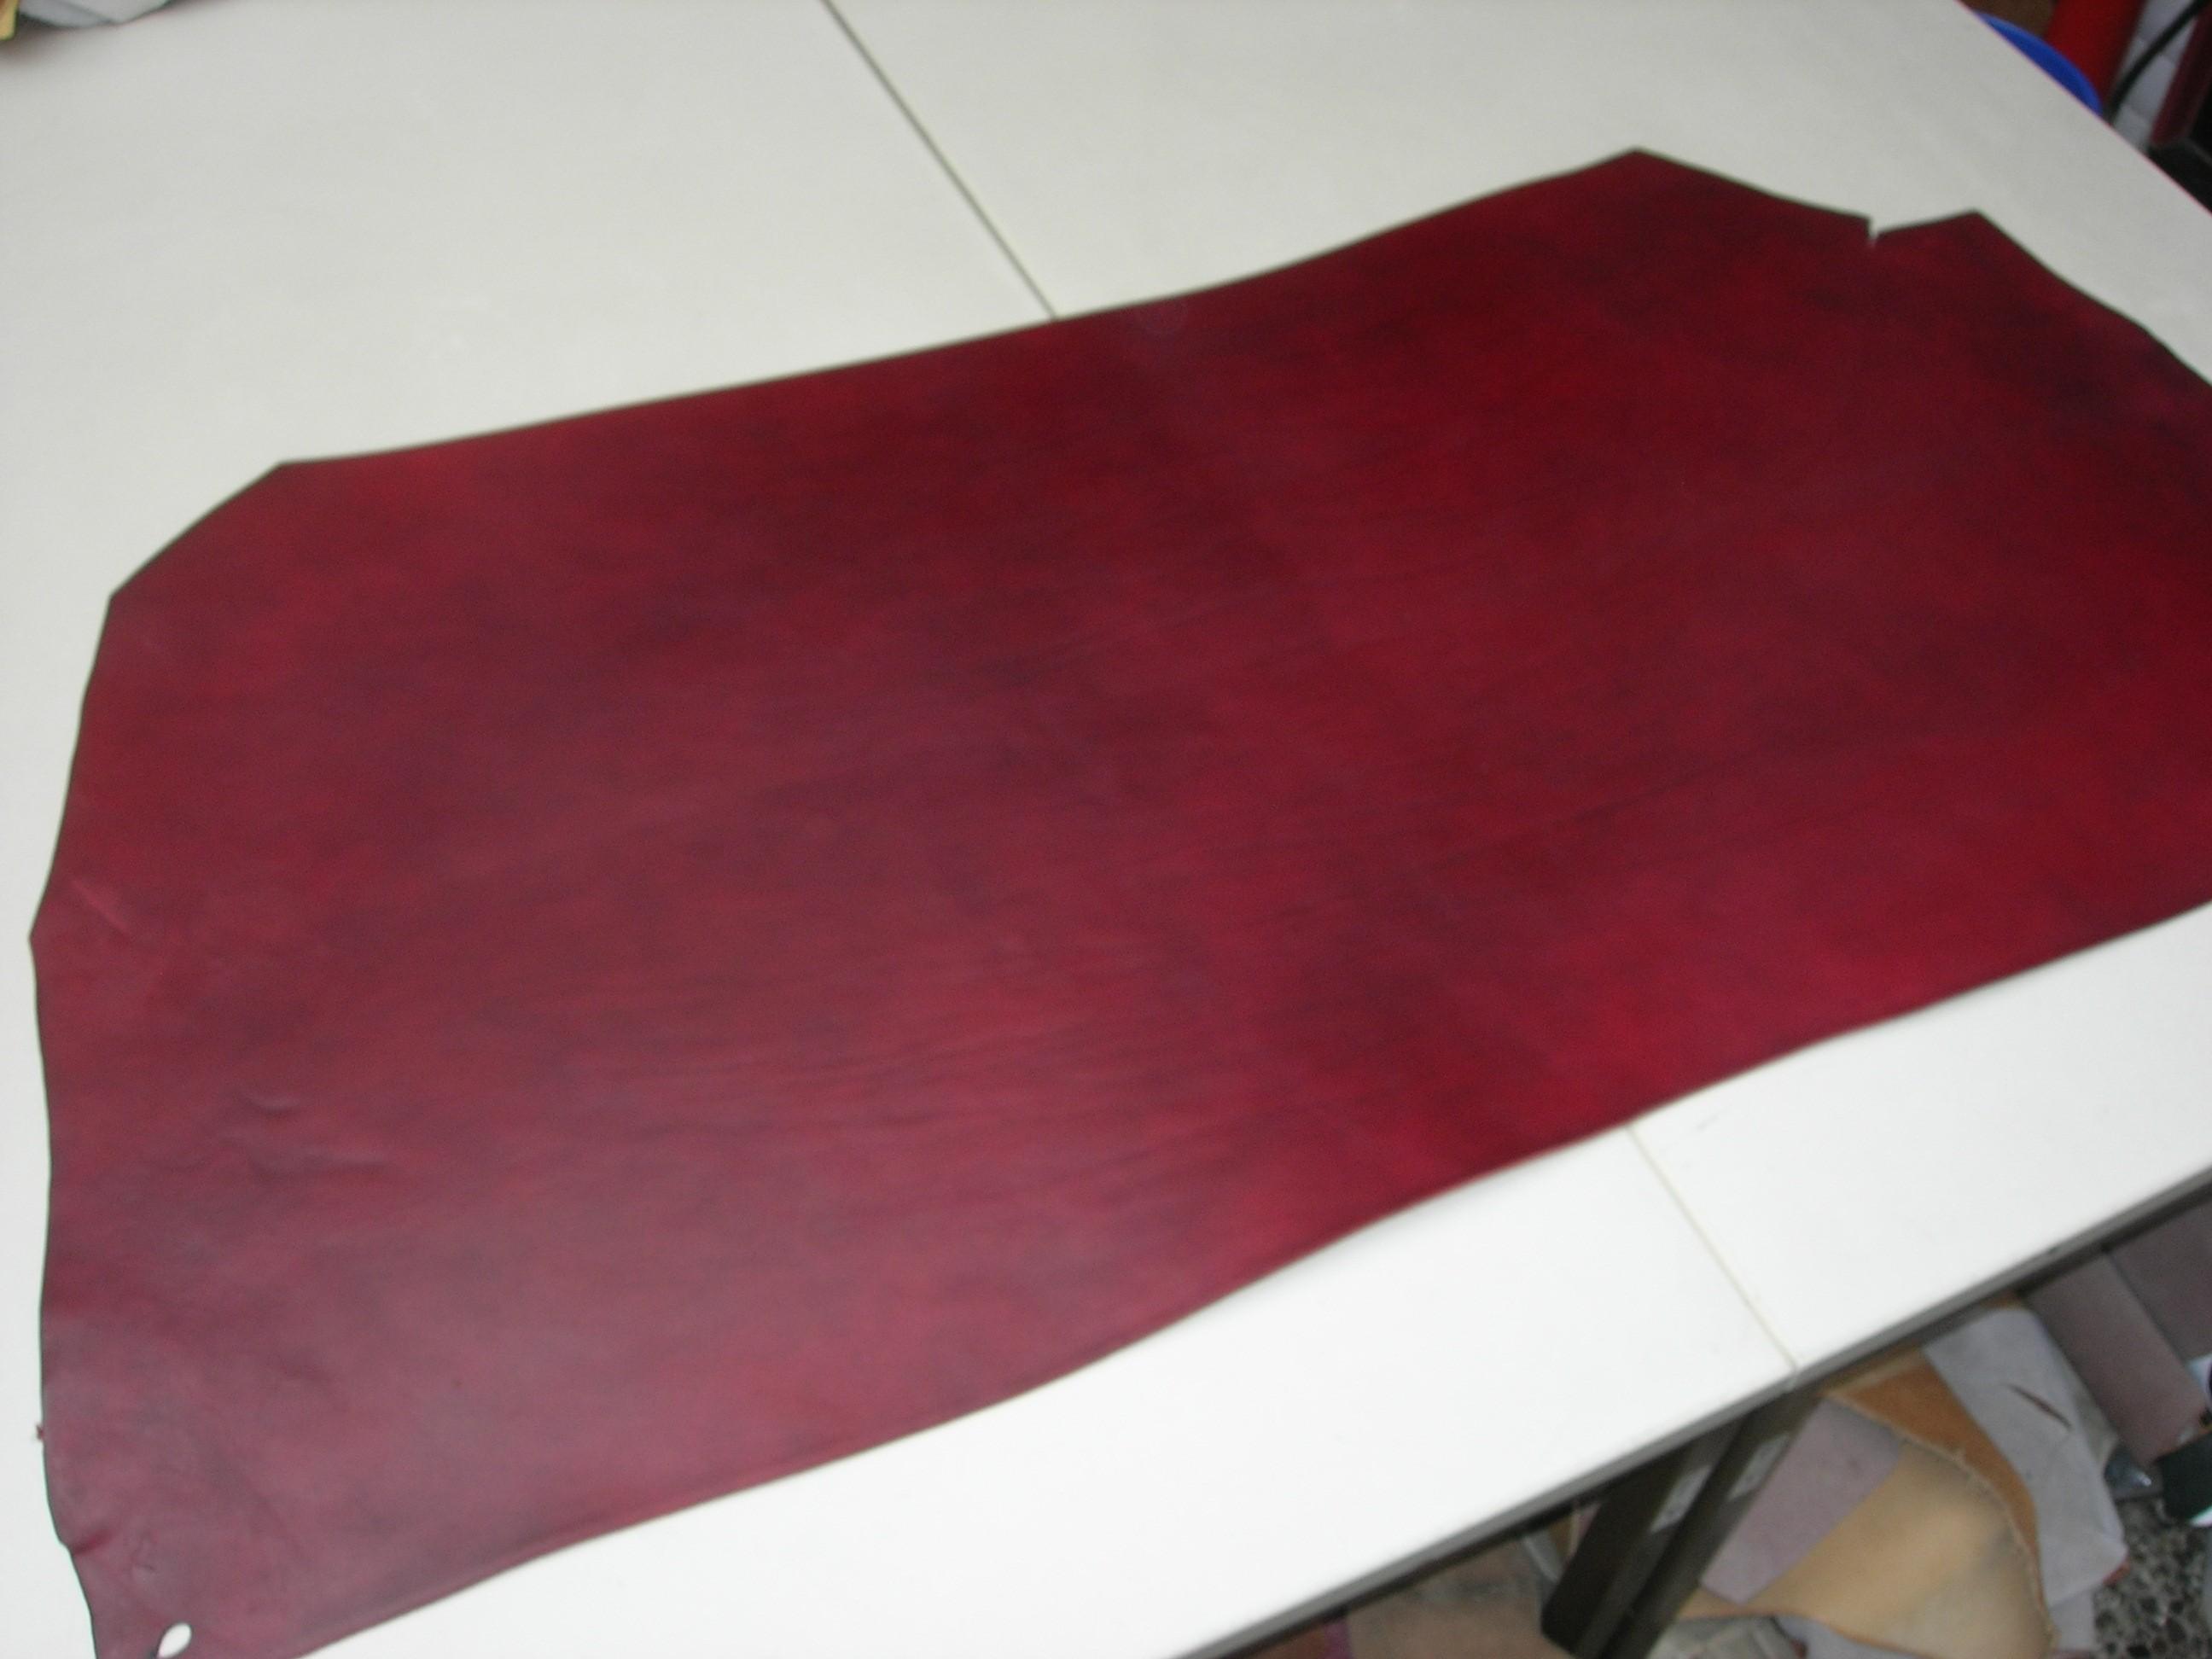 Rinderhals (I) rot (E186150R) 2,6-2,8mm